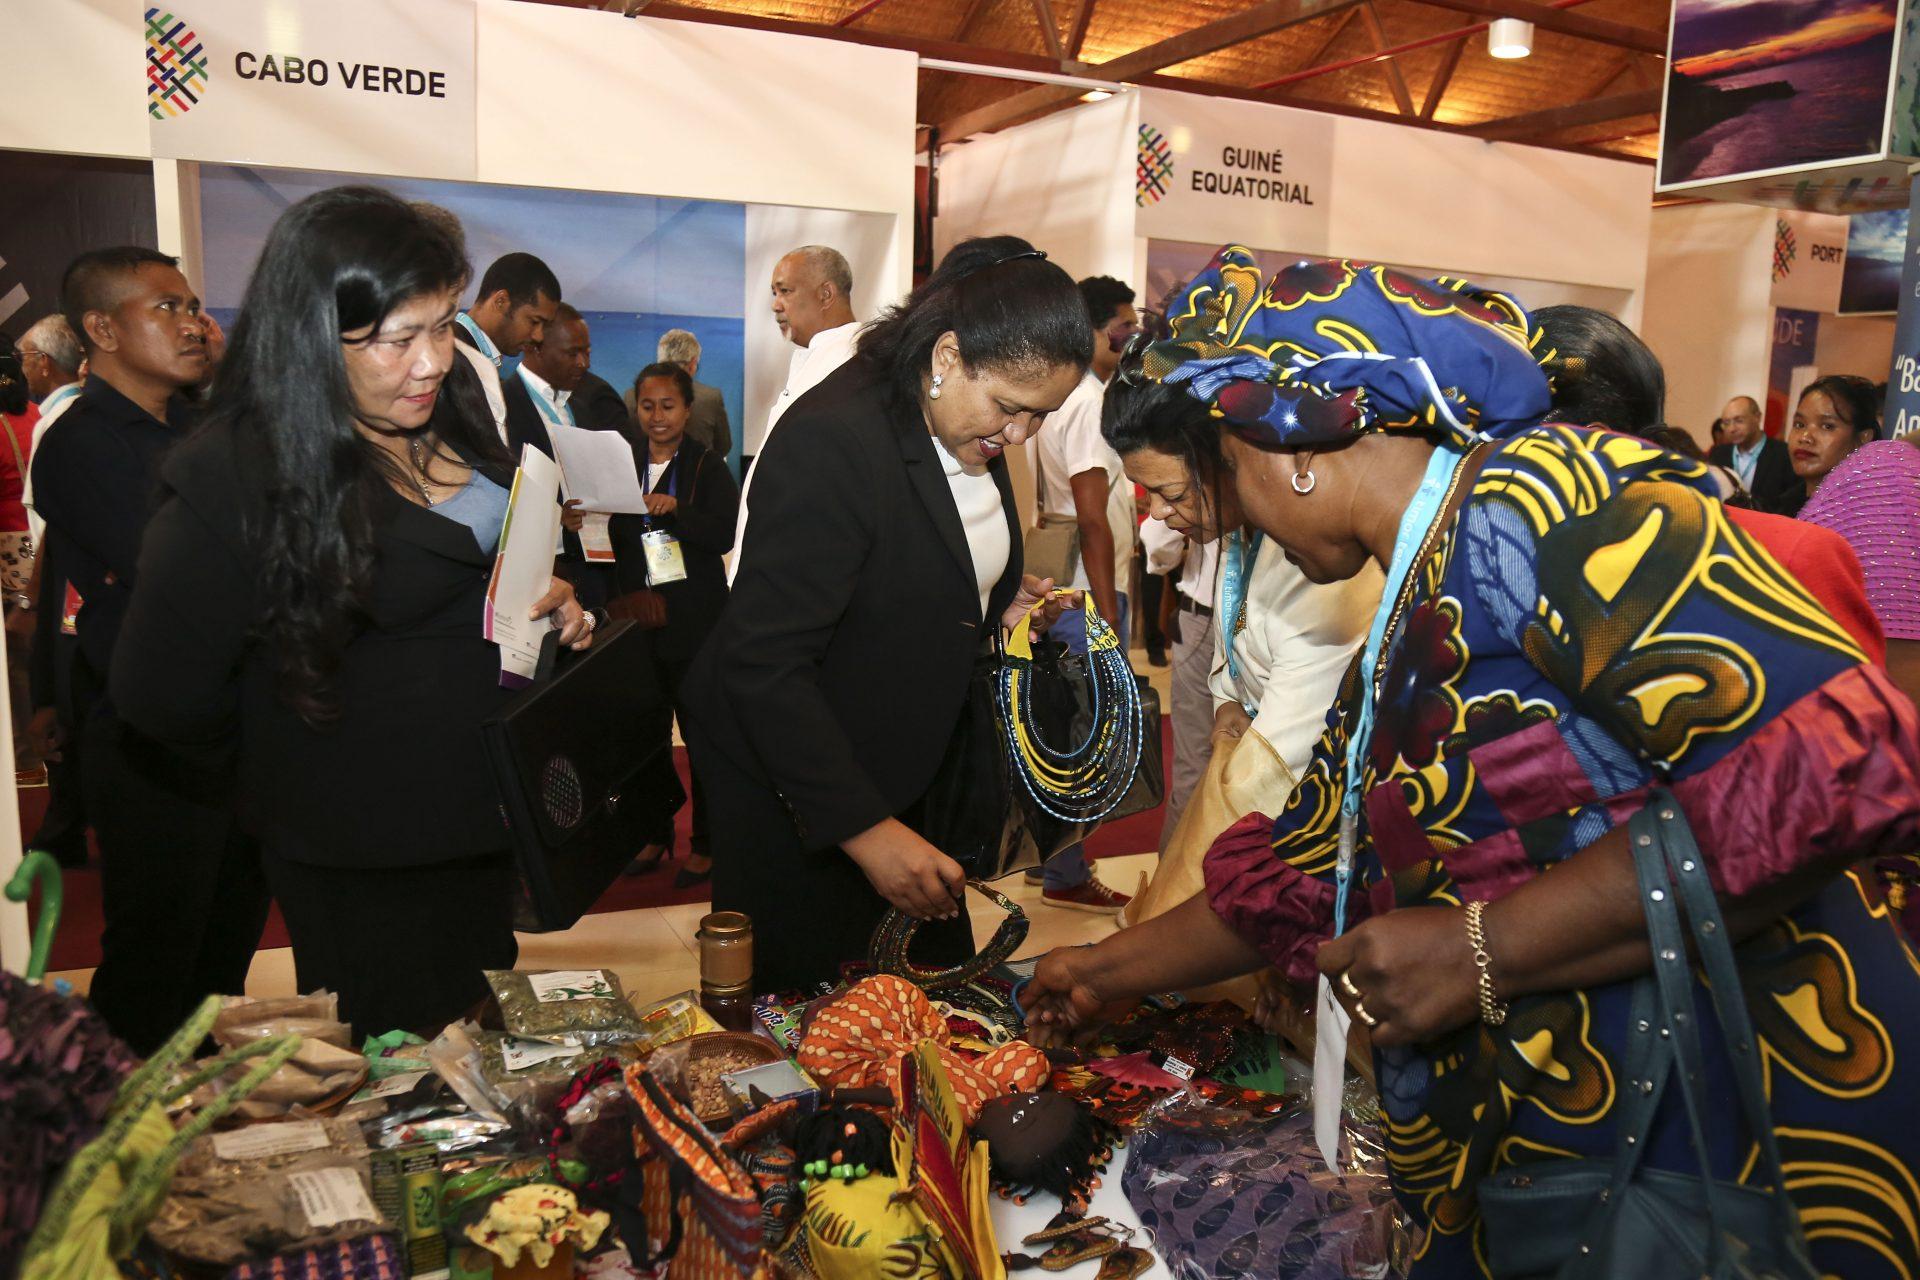 Um dos expositores no mercado municipal de Dili, agora Centro de Convenções de Díli onde decorre o encontro empresarial da lusofonia, Ásia e Pacífico, com centenas de empresários de mais de 25 países, Dili, Timor-Leste, 25 de fevereiro 2016. BERNARDINO SOARES/LUSA